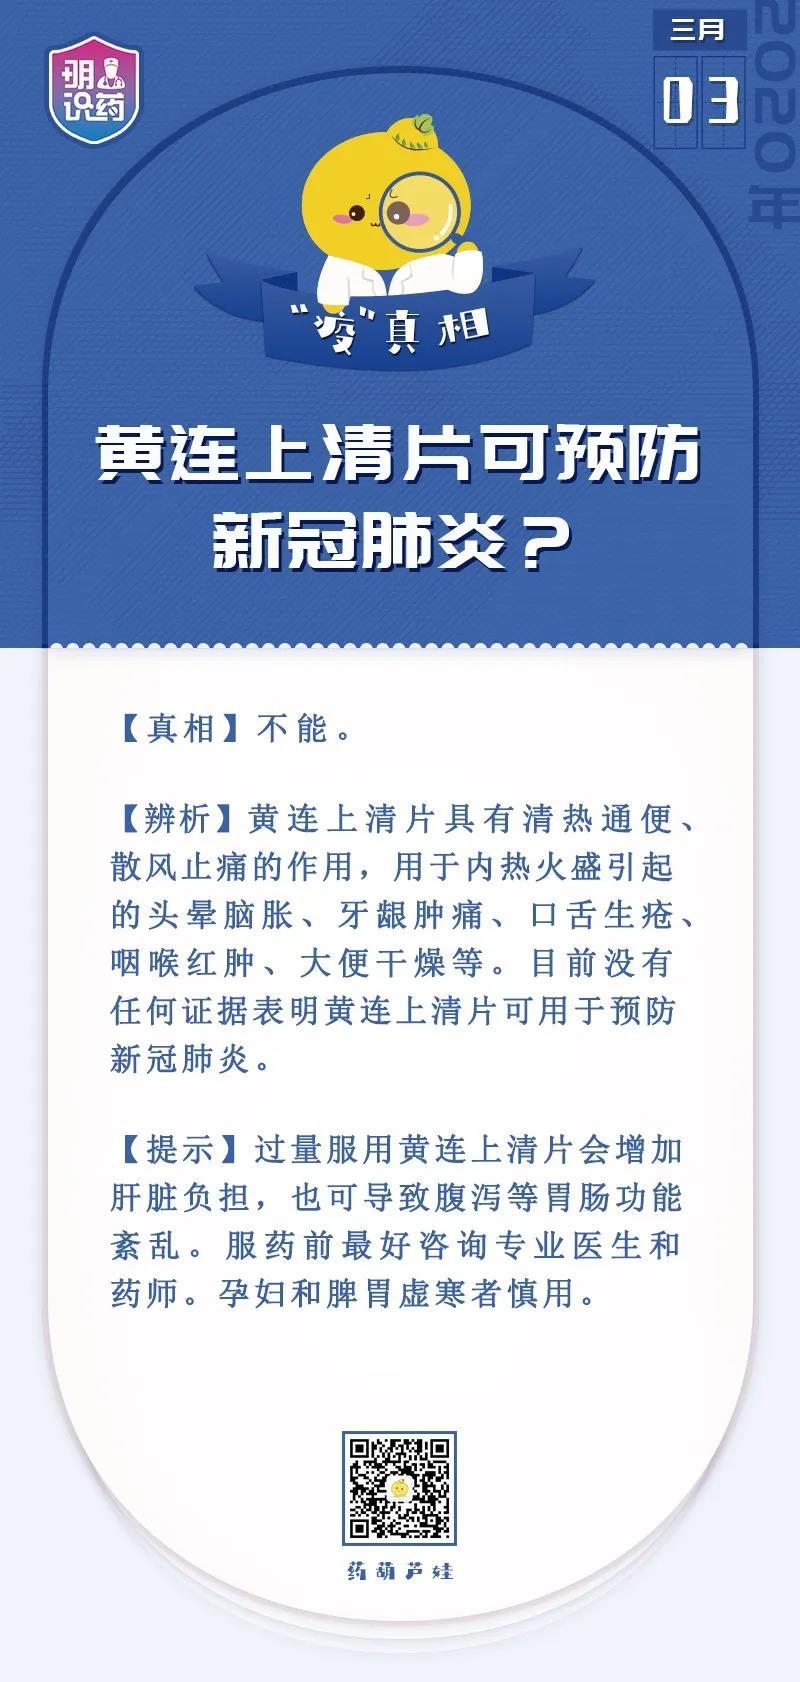 辟谣丨黄连上清片可预防新冠肺炎?